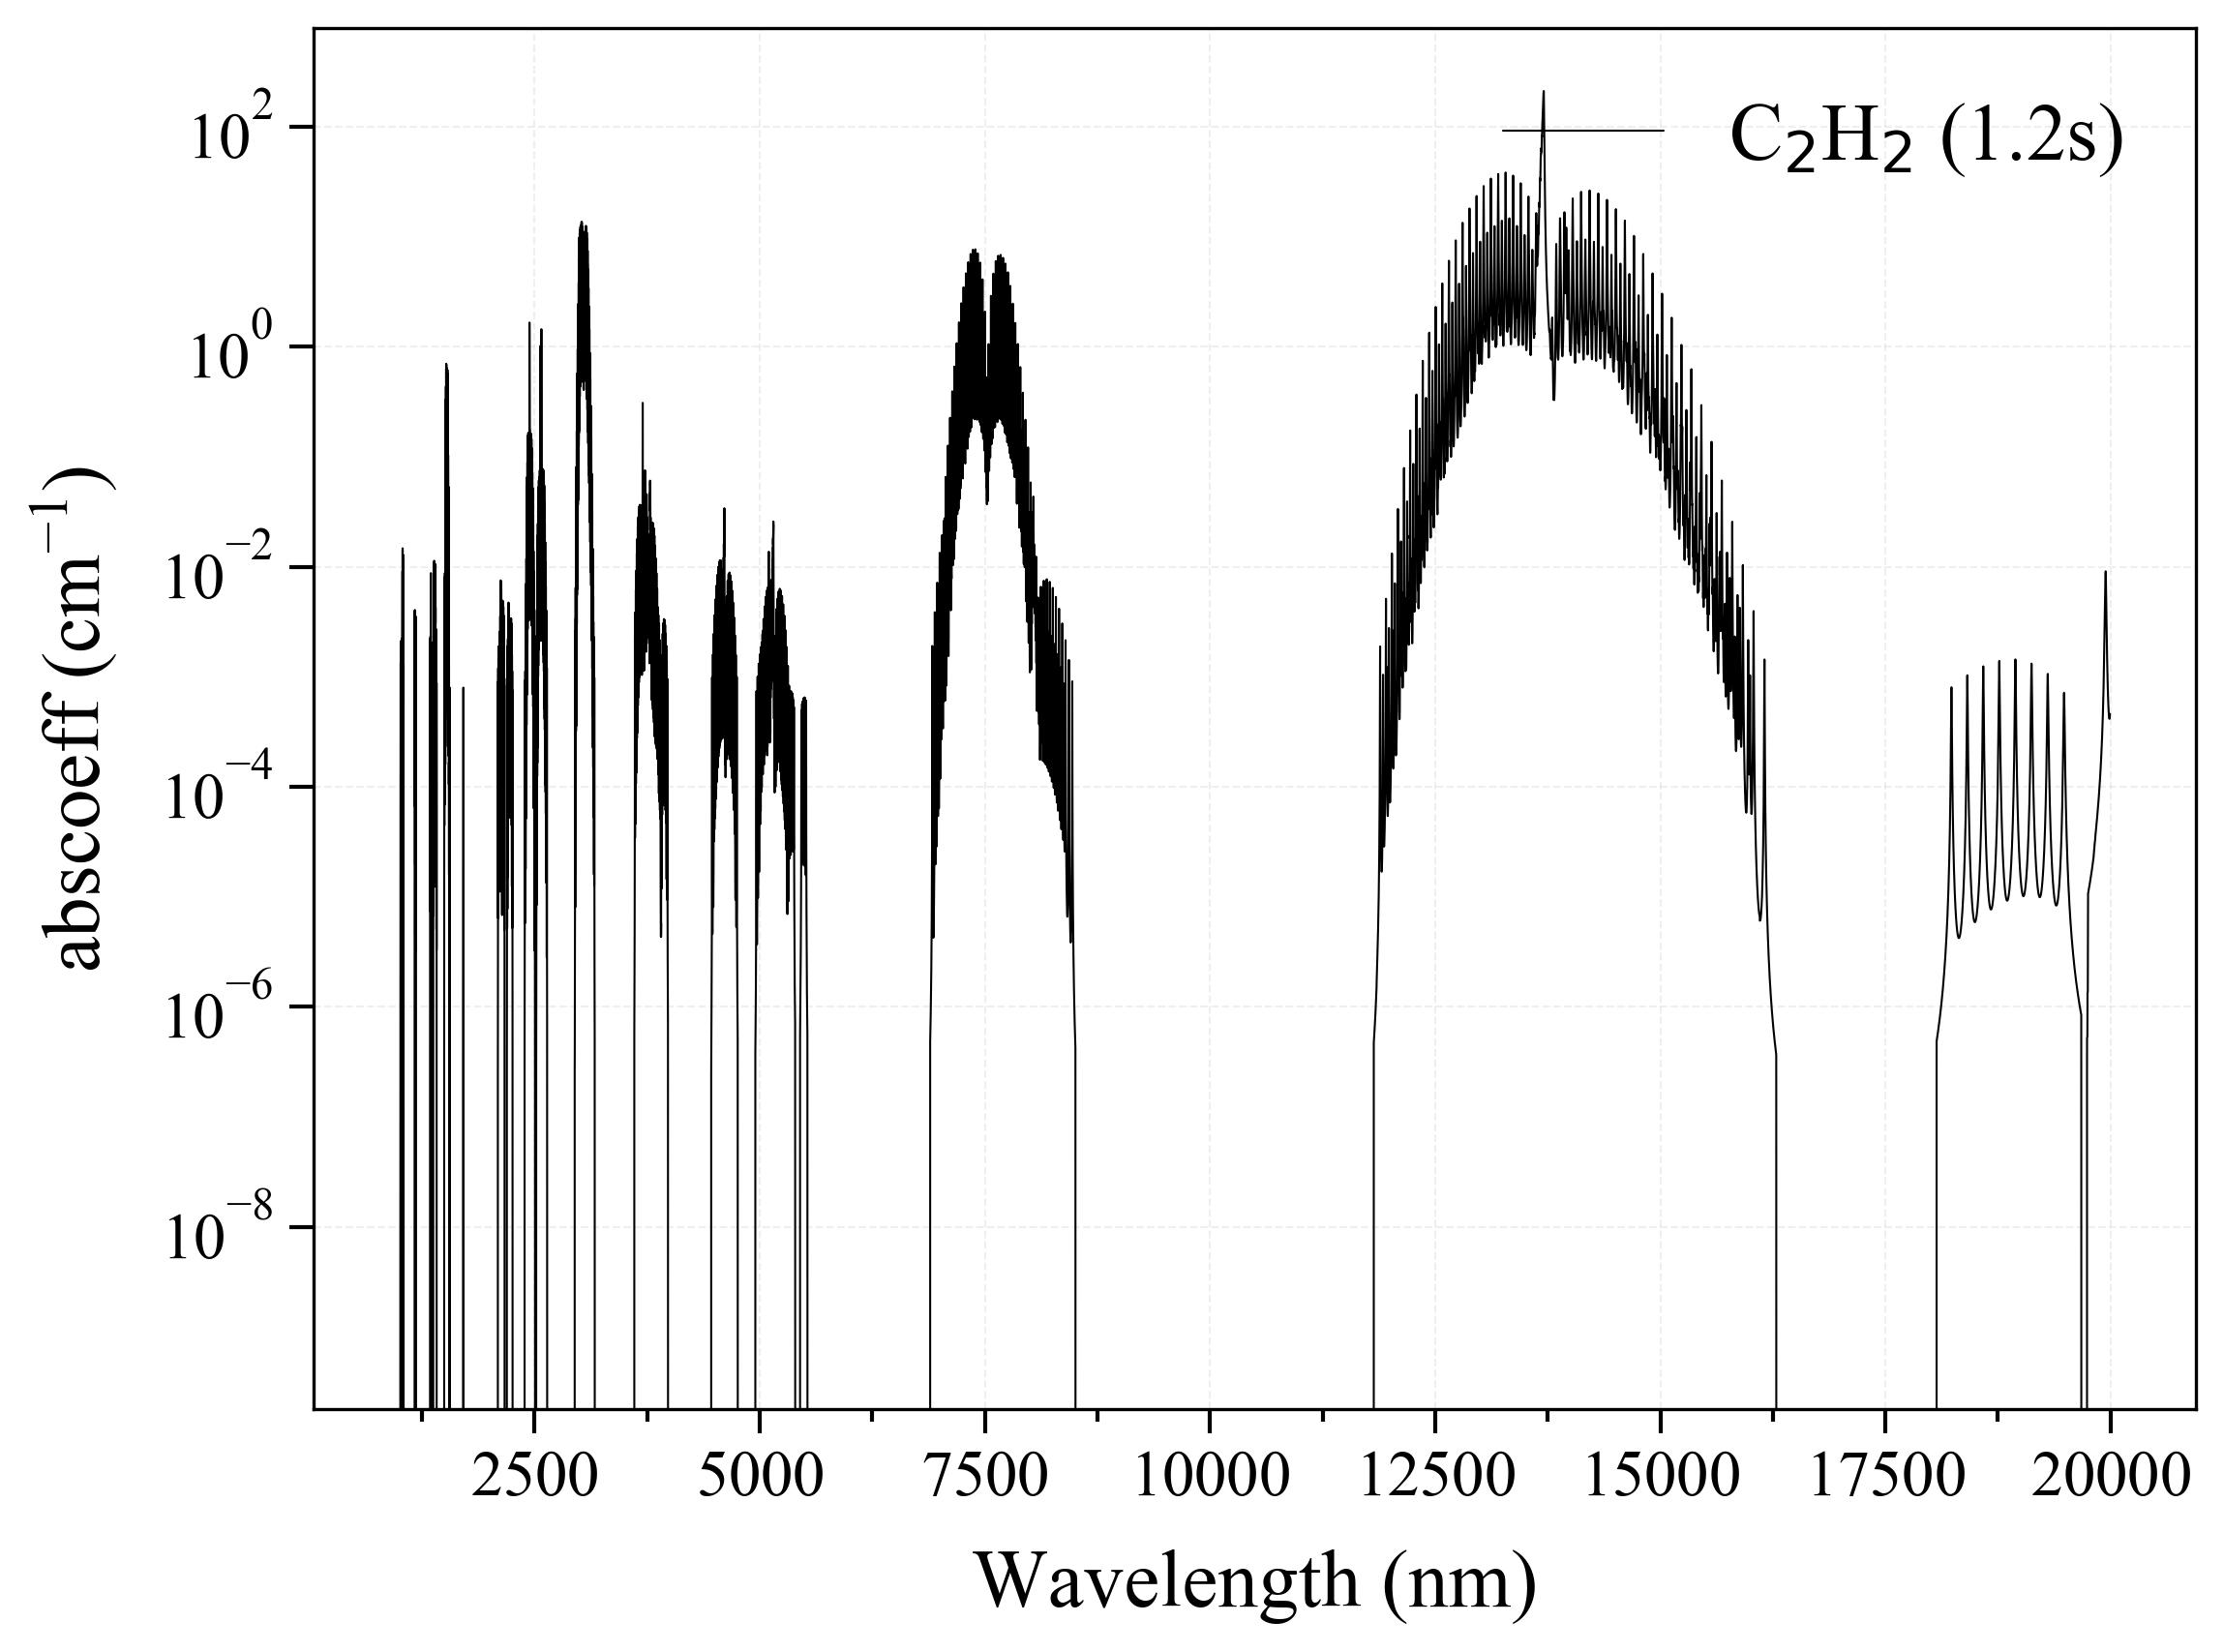 Acetylene C2H2 infrared absorption coefficient